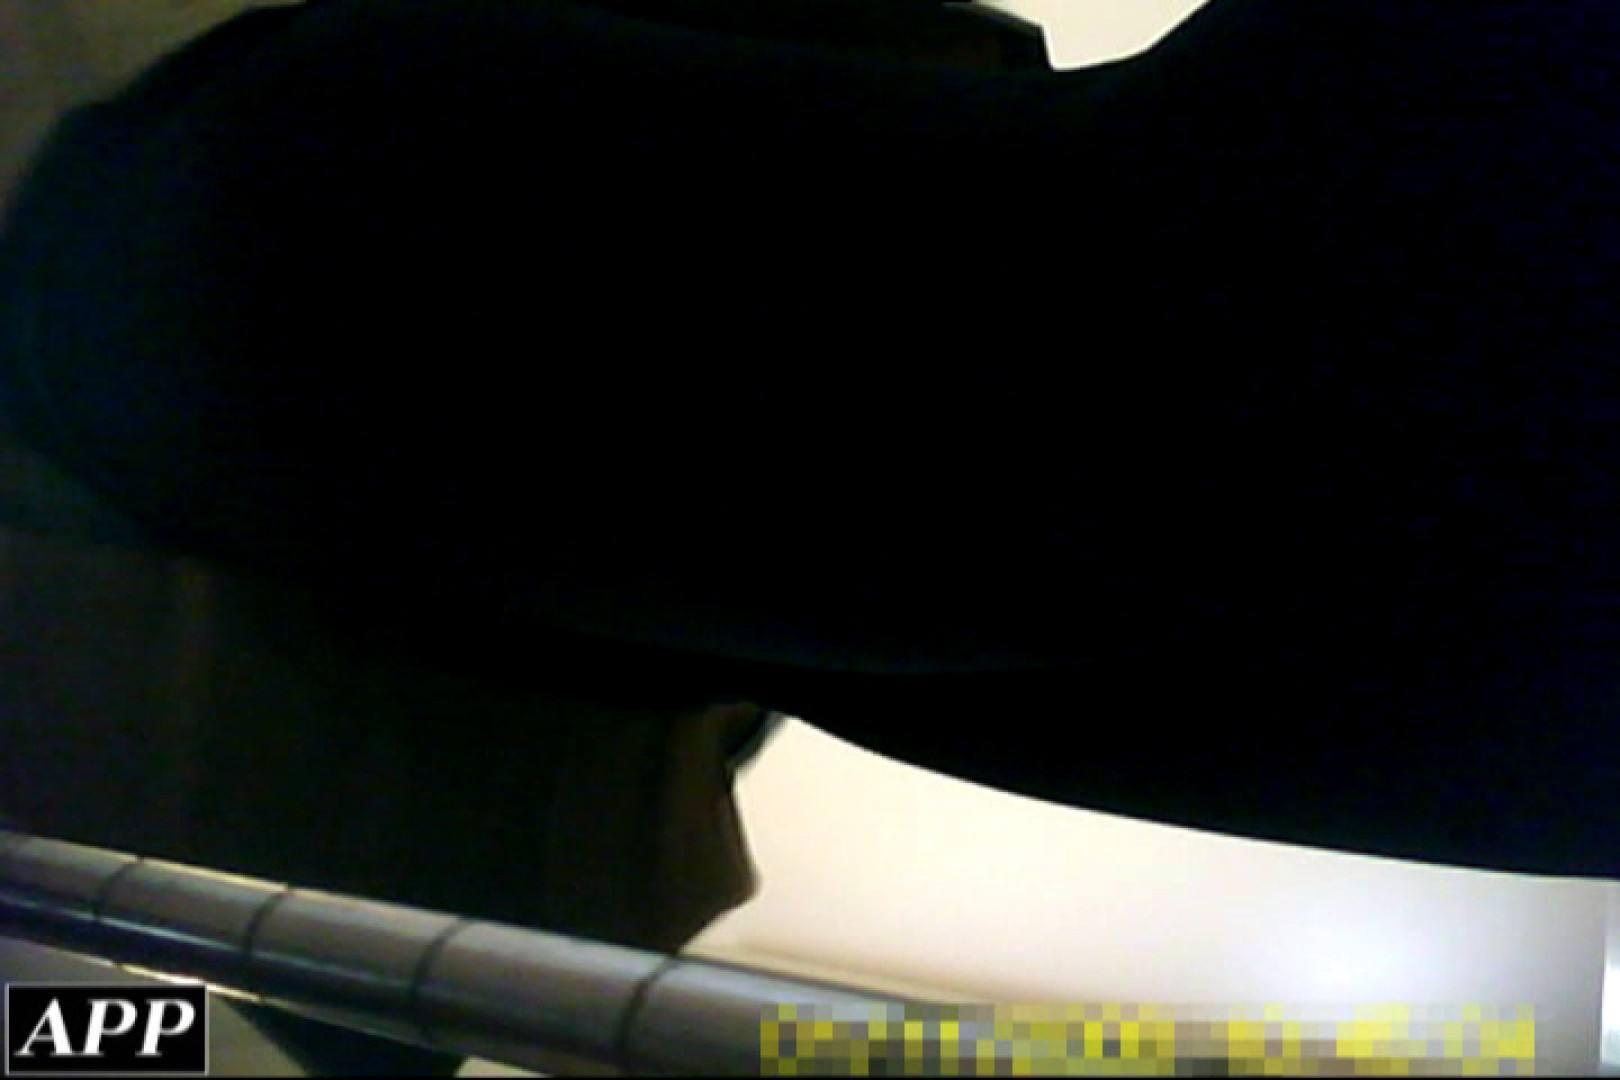 3視点洗面所 vol.024 美しいOLの裸体 | 洗面所突入  72pic 17